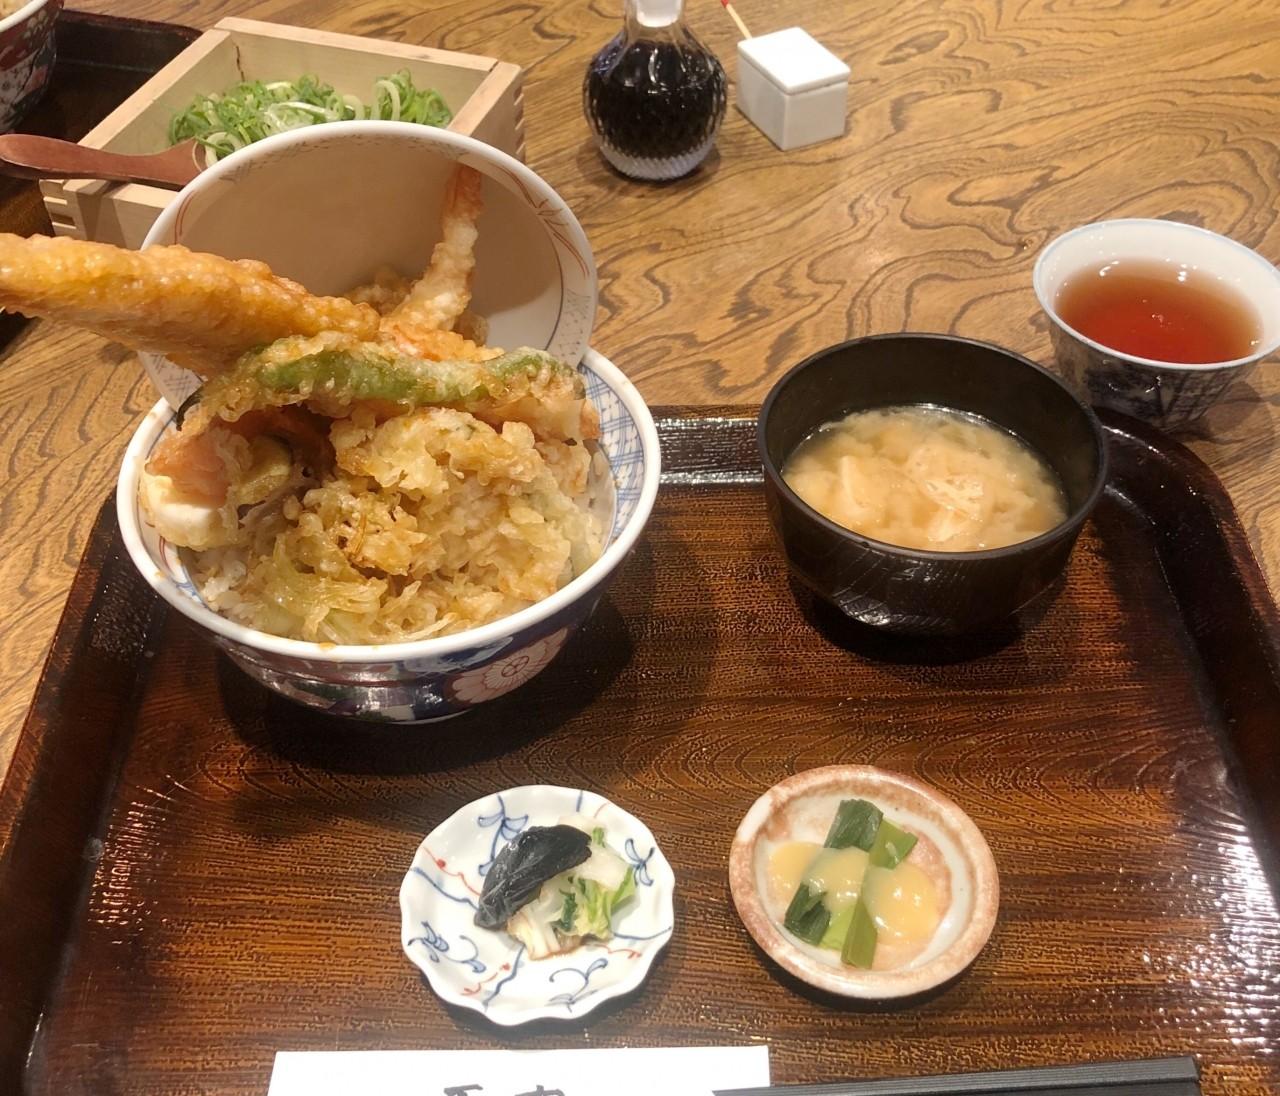 京都でオススメランチ見つけました!